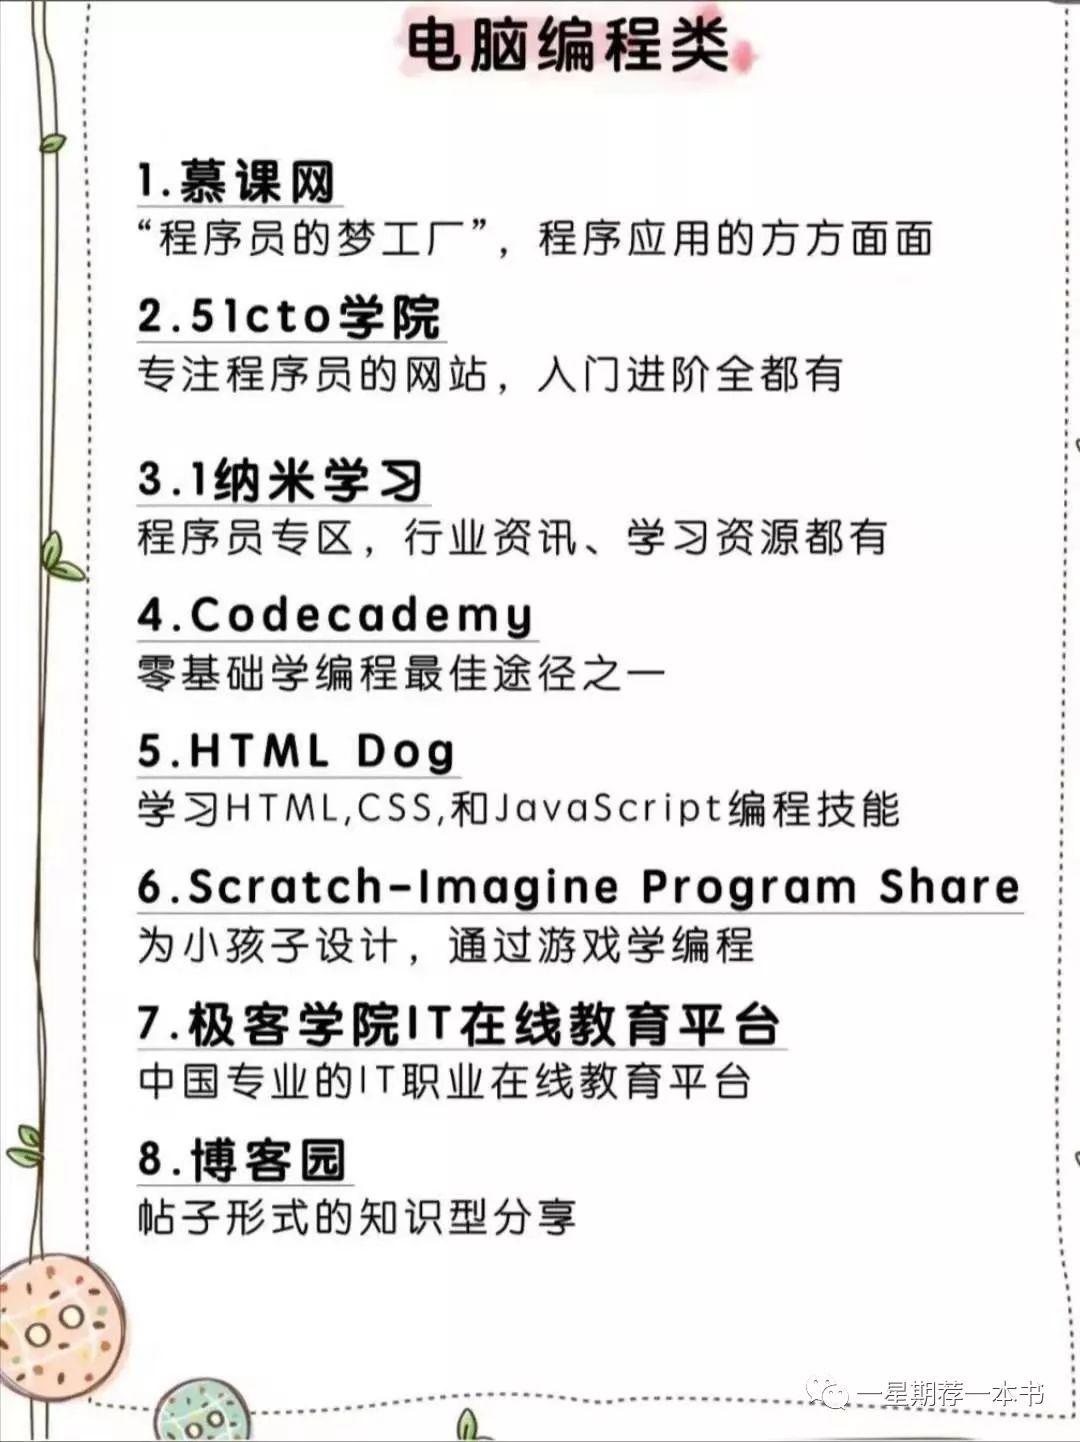 实用分享 | 56个免费学习软件 | 梨花阁